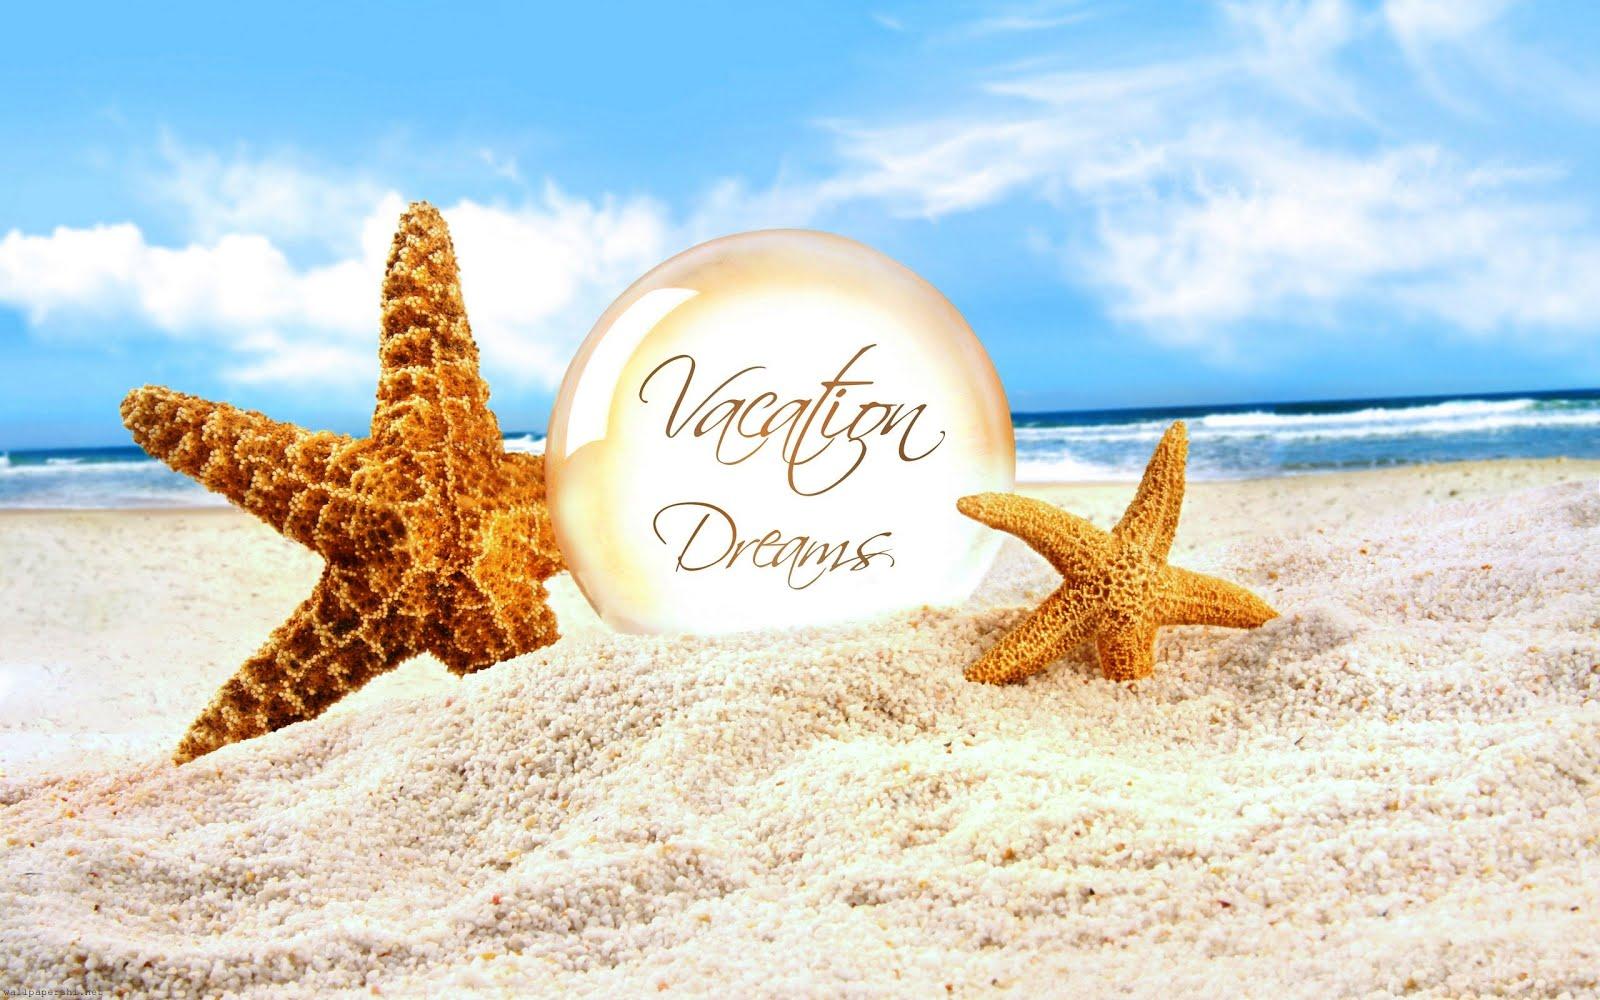 Καλοκαιρινές διακοπές 11 έως 27 Αυγούστου 2018